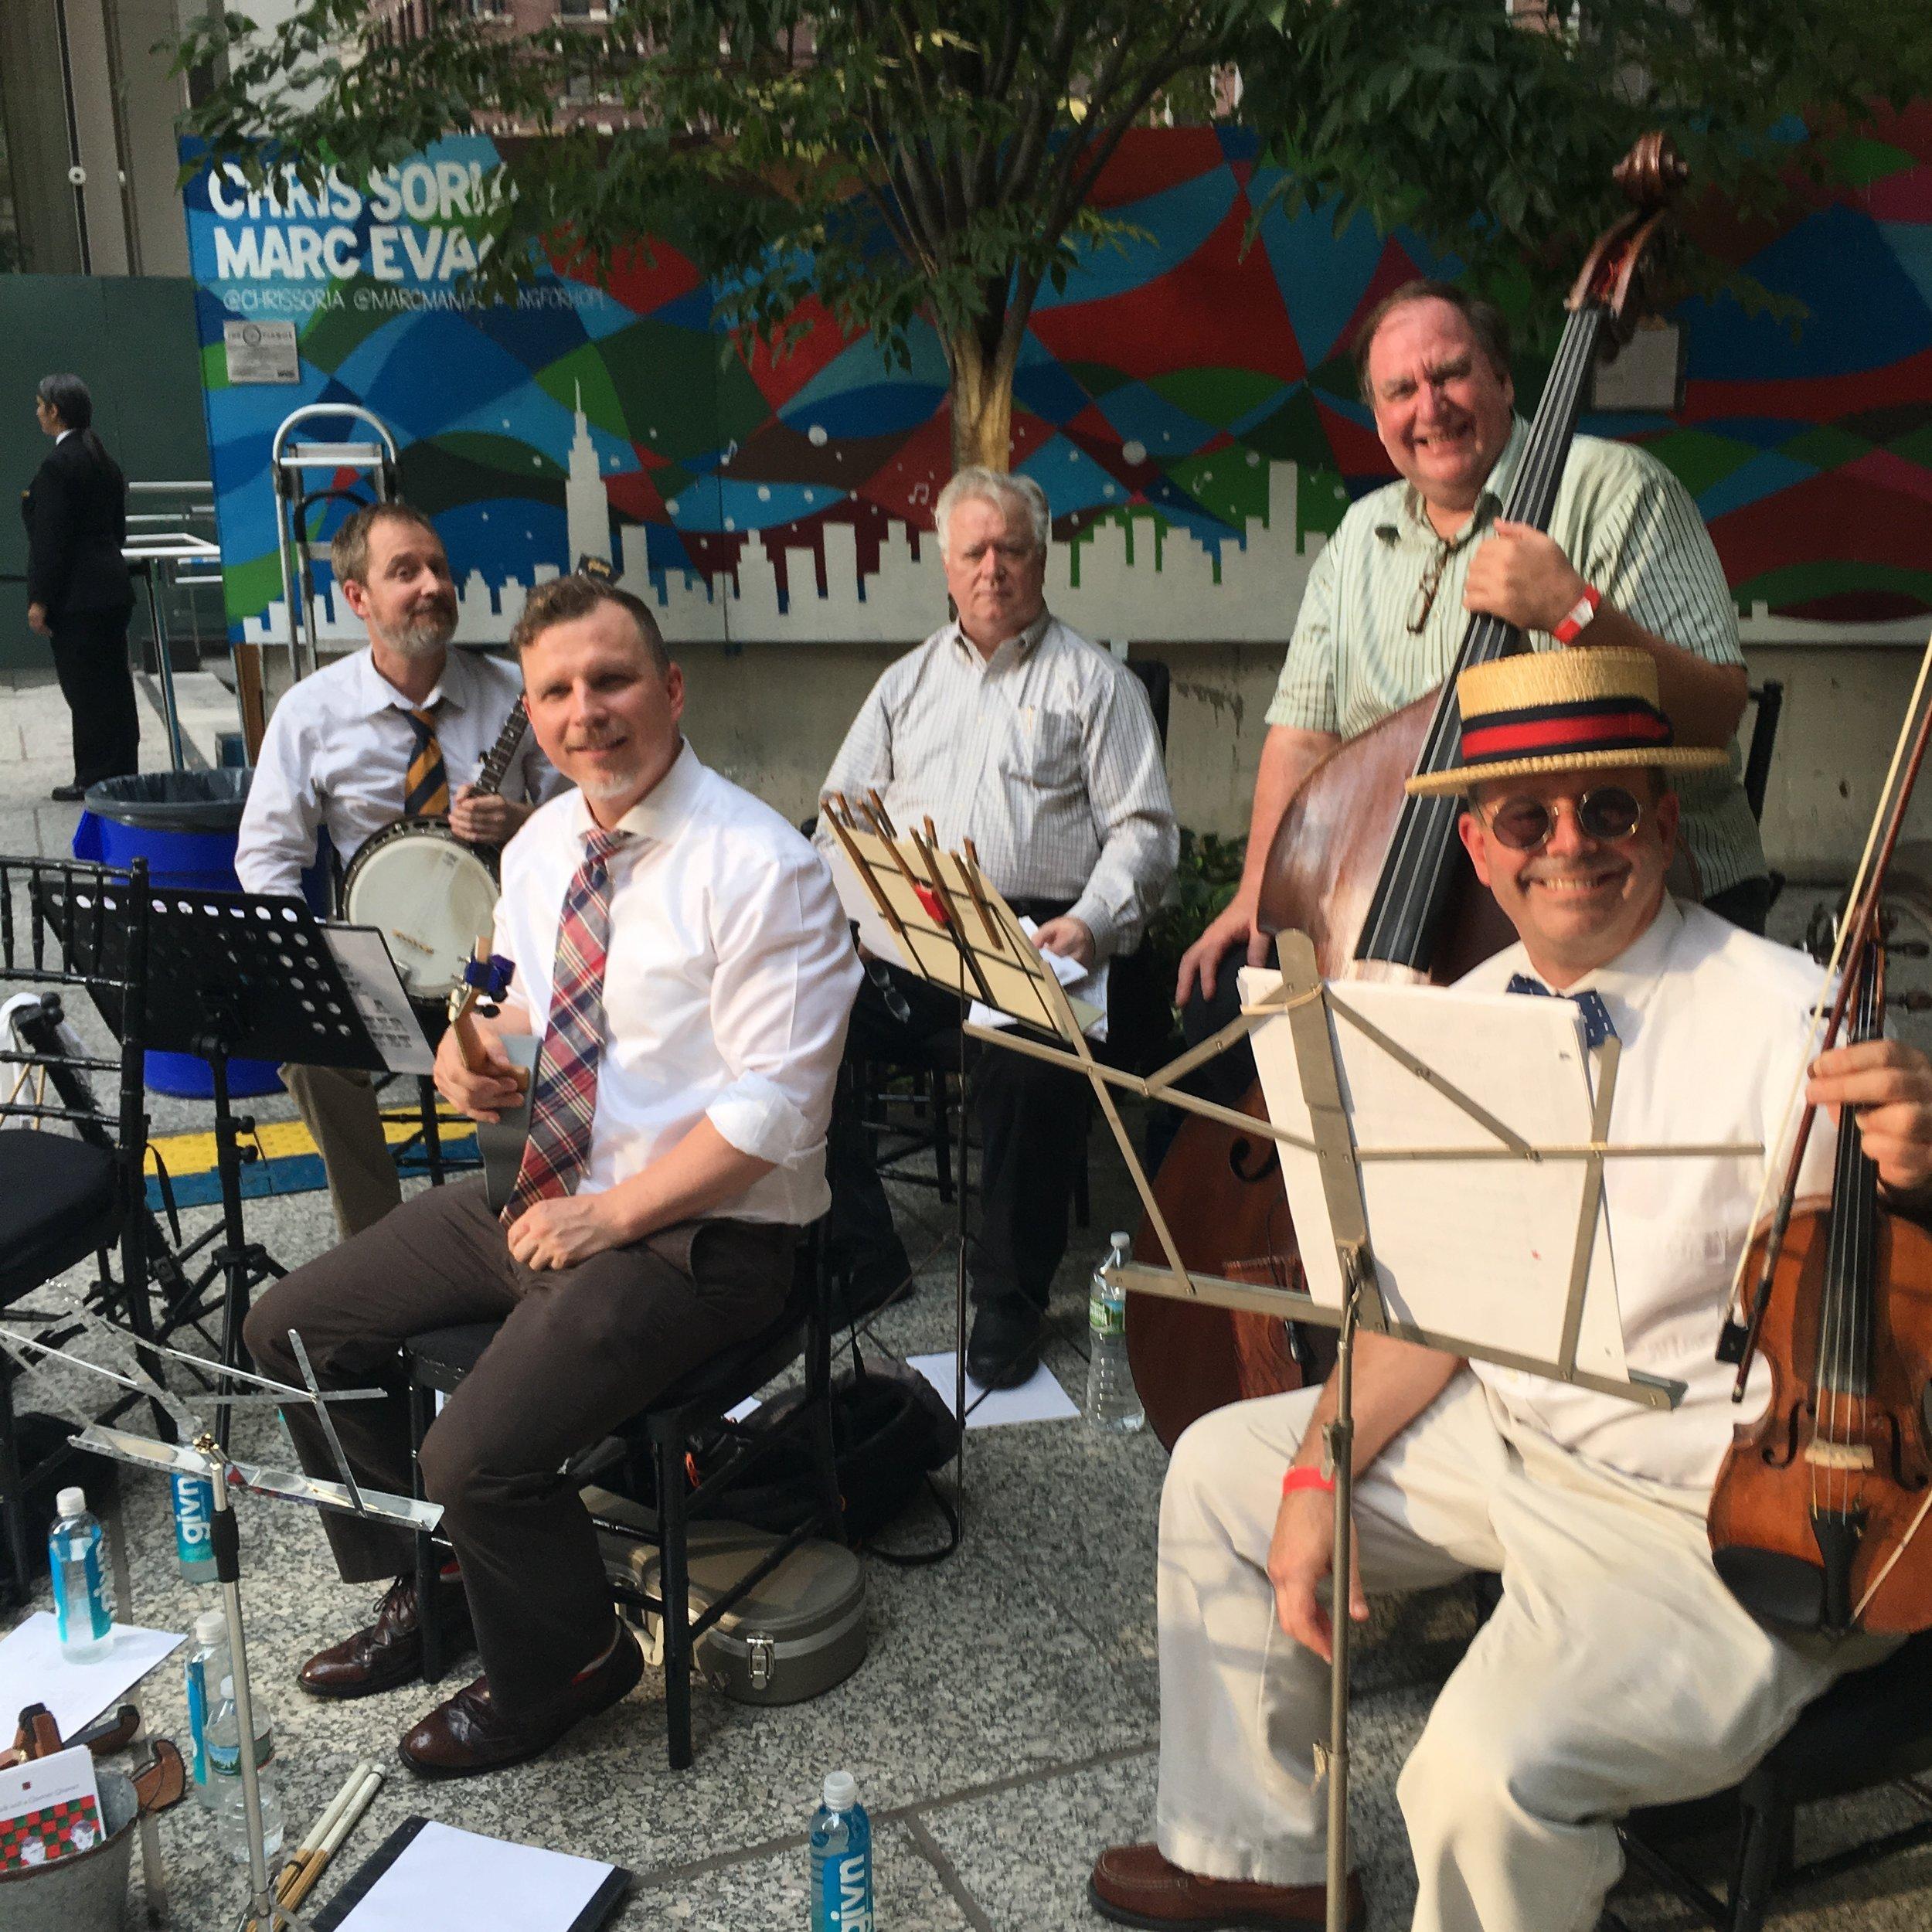 At Edible NY's Liberty Plaza event, July 2017